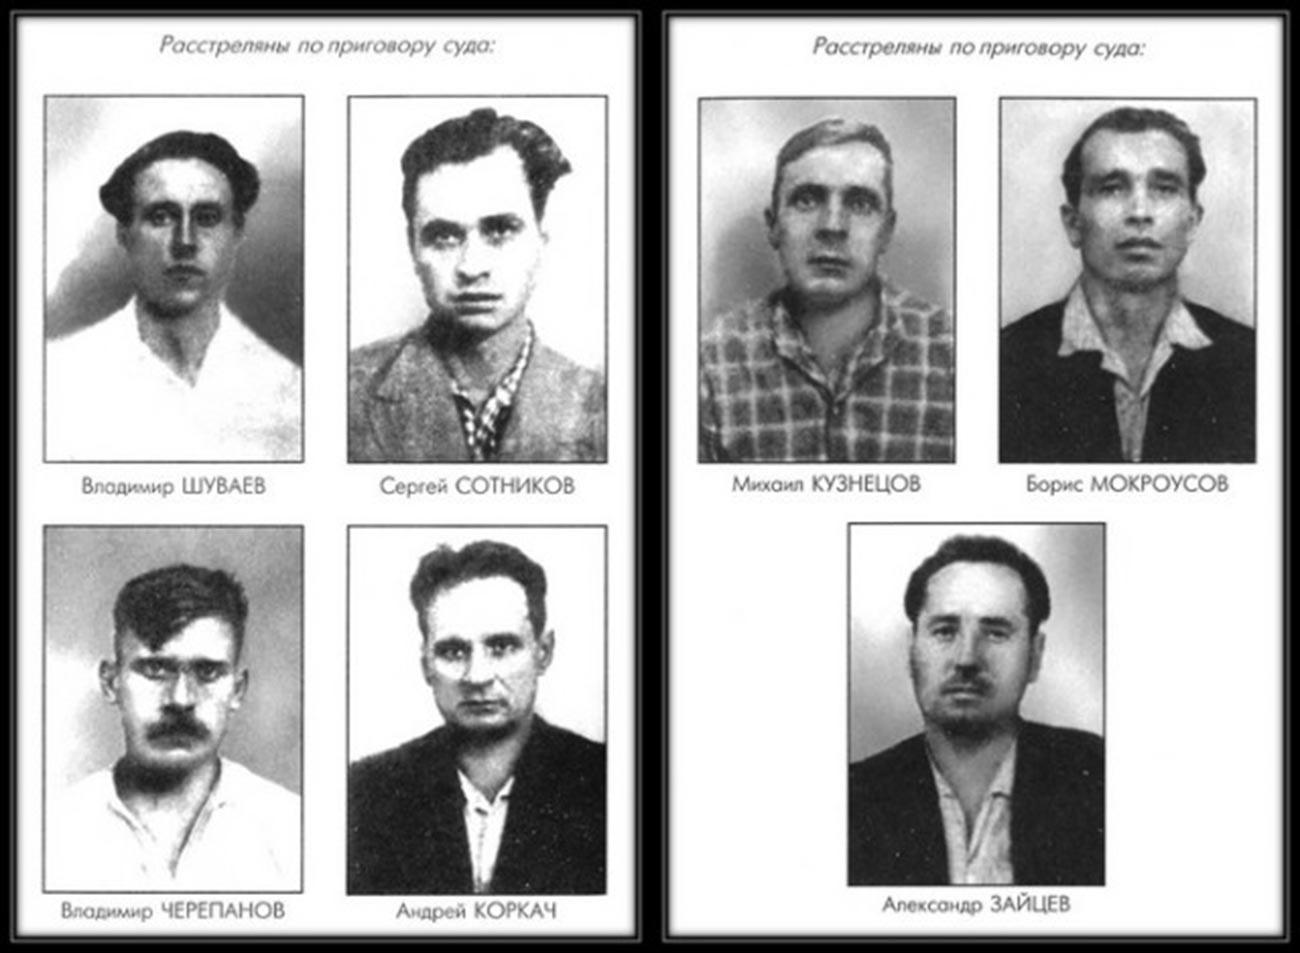 Tujuh pekerja NEBF yang dihukum tembak mati. Vladimir Shuvaev (1937-1962), Sergey Sotnikov (1937-1962), Mikhail Kuznetsov (1930-1962), Boris Mokrousov (1923-1962), Vladimir Cherepanov (1933-1962) ), Andrey Korkach (1917-1962), Alexander Zaytsev (1927-1962).